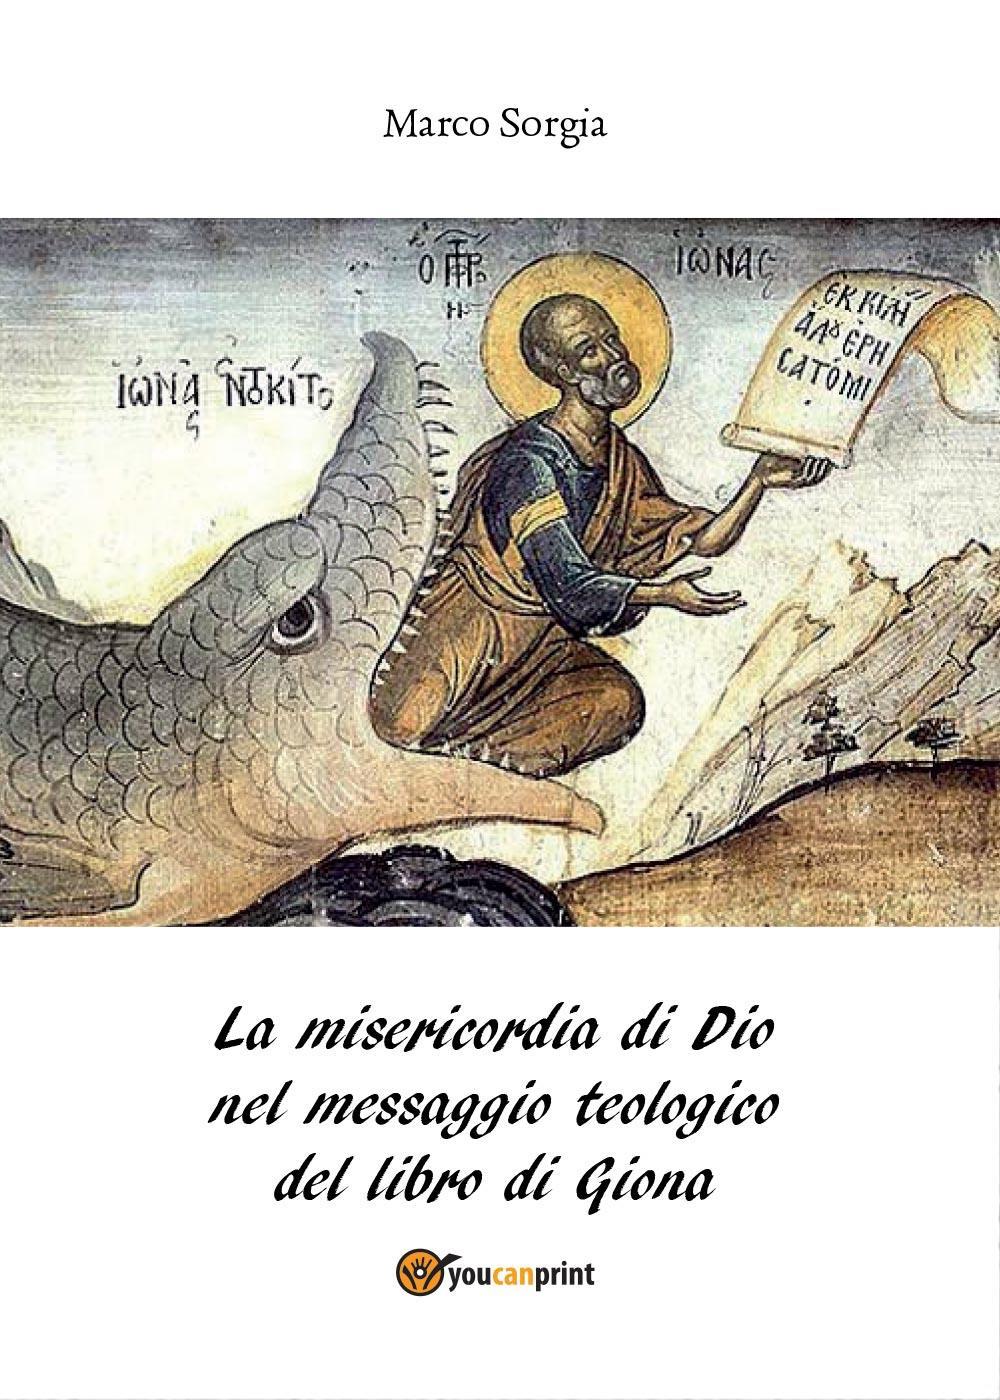 La misericordia di Dio nel messaggio teologico del libro di Giona